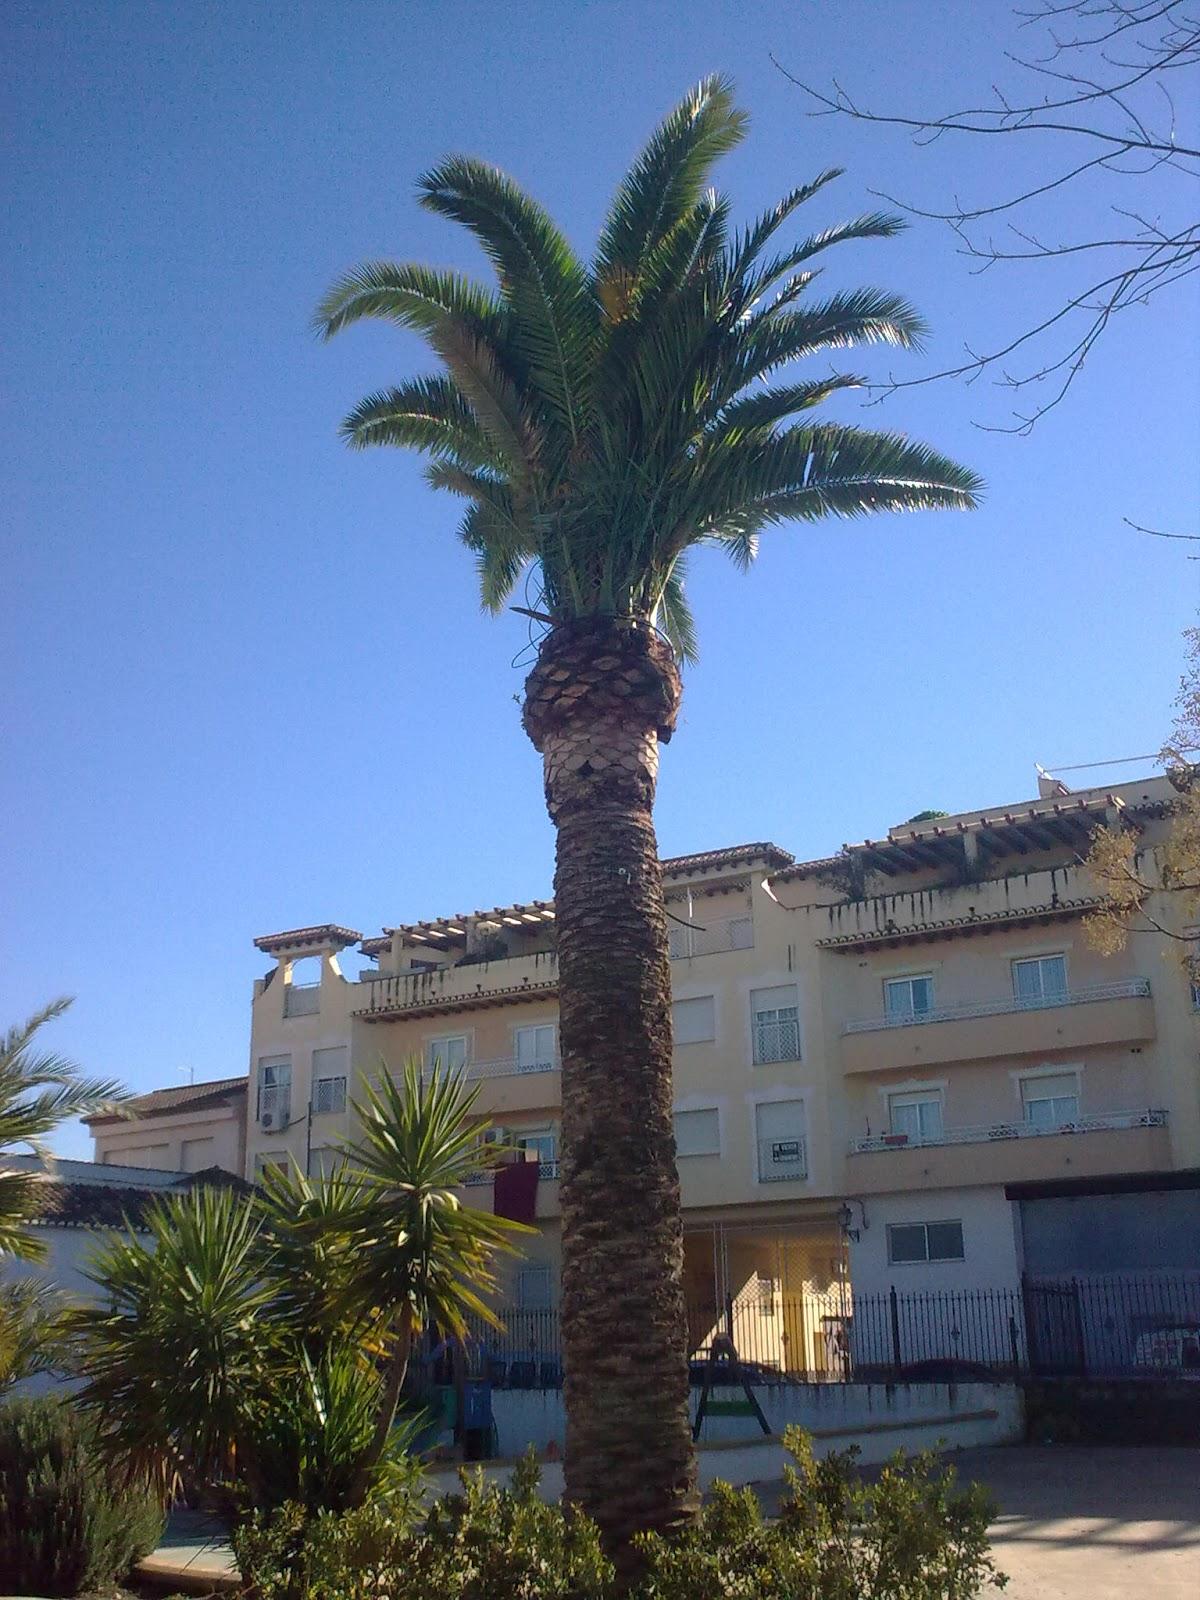 Parques y jardines de ogijares arreglo palmera y desbroce for Arreglos de parques y jardines